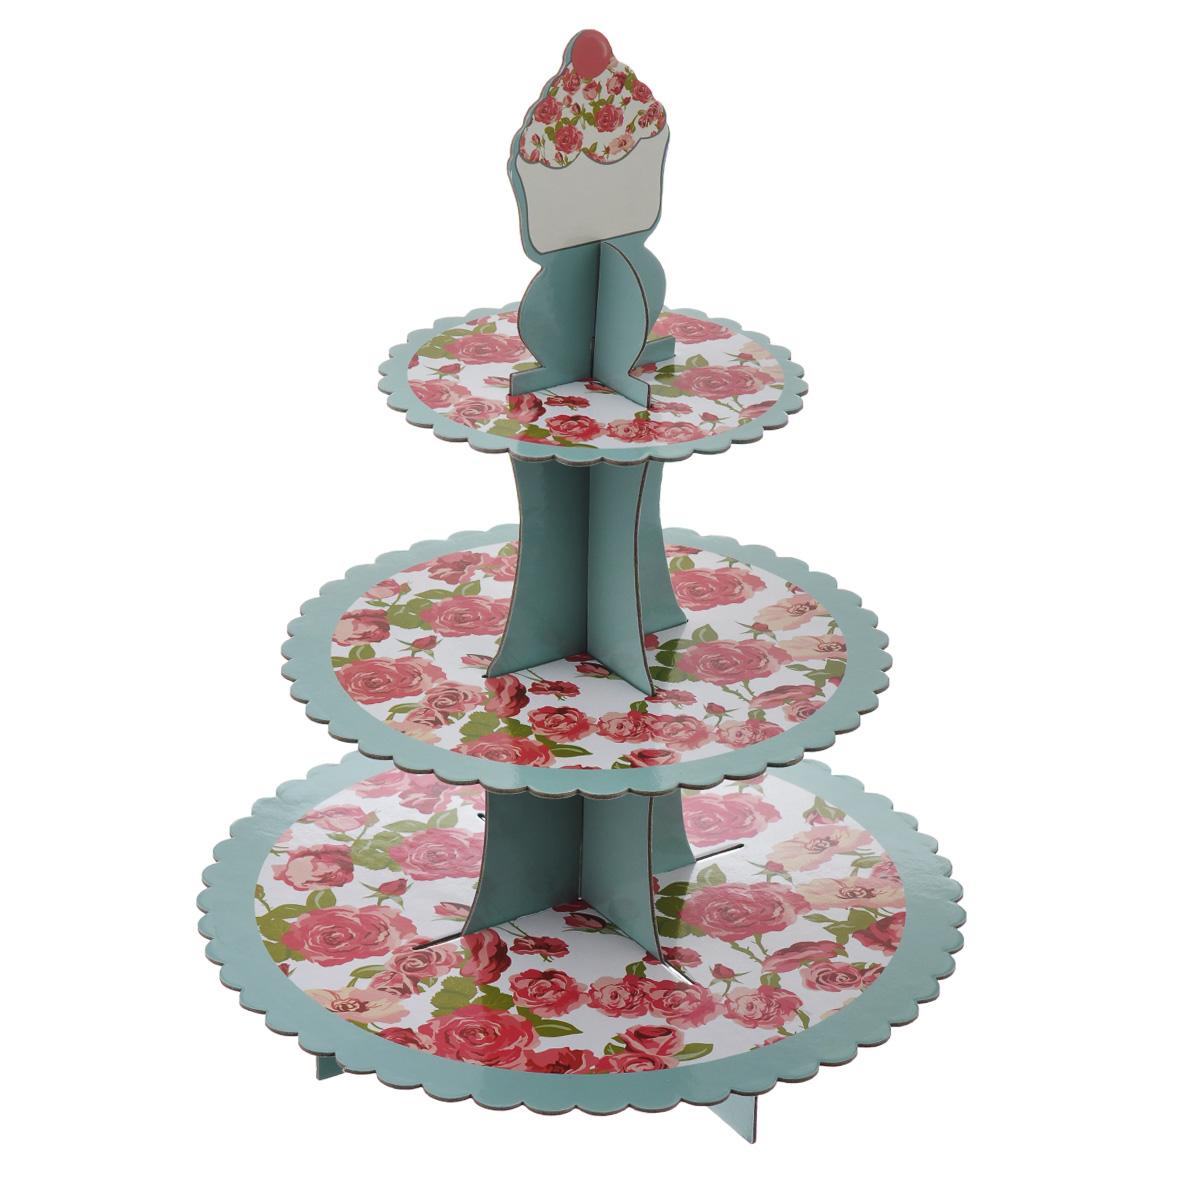 Подставка под маффины Dolce Arti, высота 40 смDA080217Трехъярусная подставка под маффины Dolce Arti изготовлена из плотного картона и оформлена принтом с изображением красных роз. Блюда круглые, с рельефом по краю. Подставка поставляется в разобранном виде, она легко собирается - в собранном виде выглядит оригинально и красиво. Такая подставка идеально подходит для красивой подачи пирожных, маффинов, кексов и другой выпечки. Диаметр блюд: 23,5 см, 29 см, 33 см. Высота (в собранном виде): 40 см.